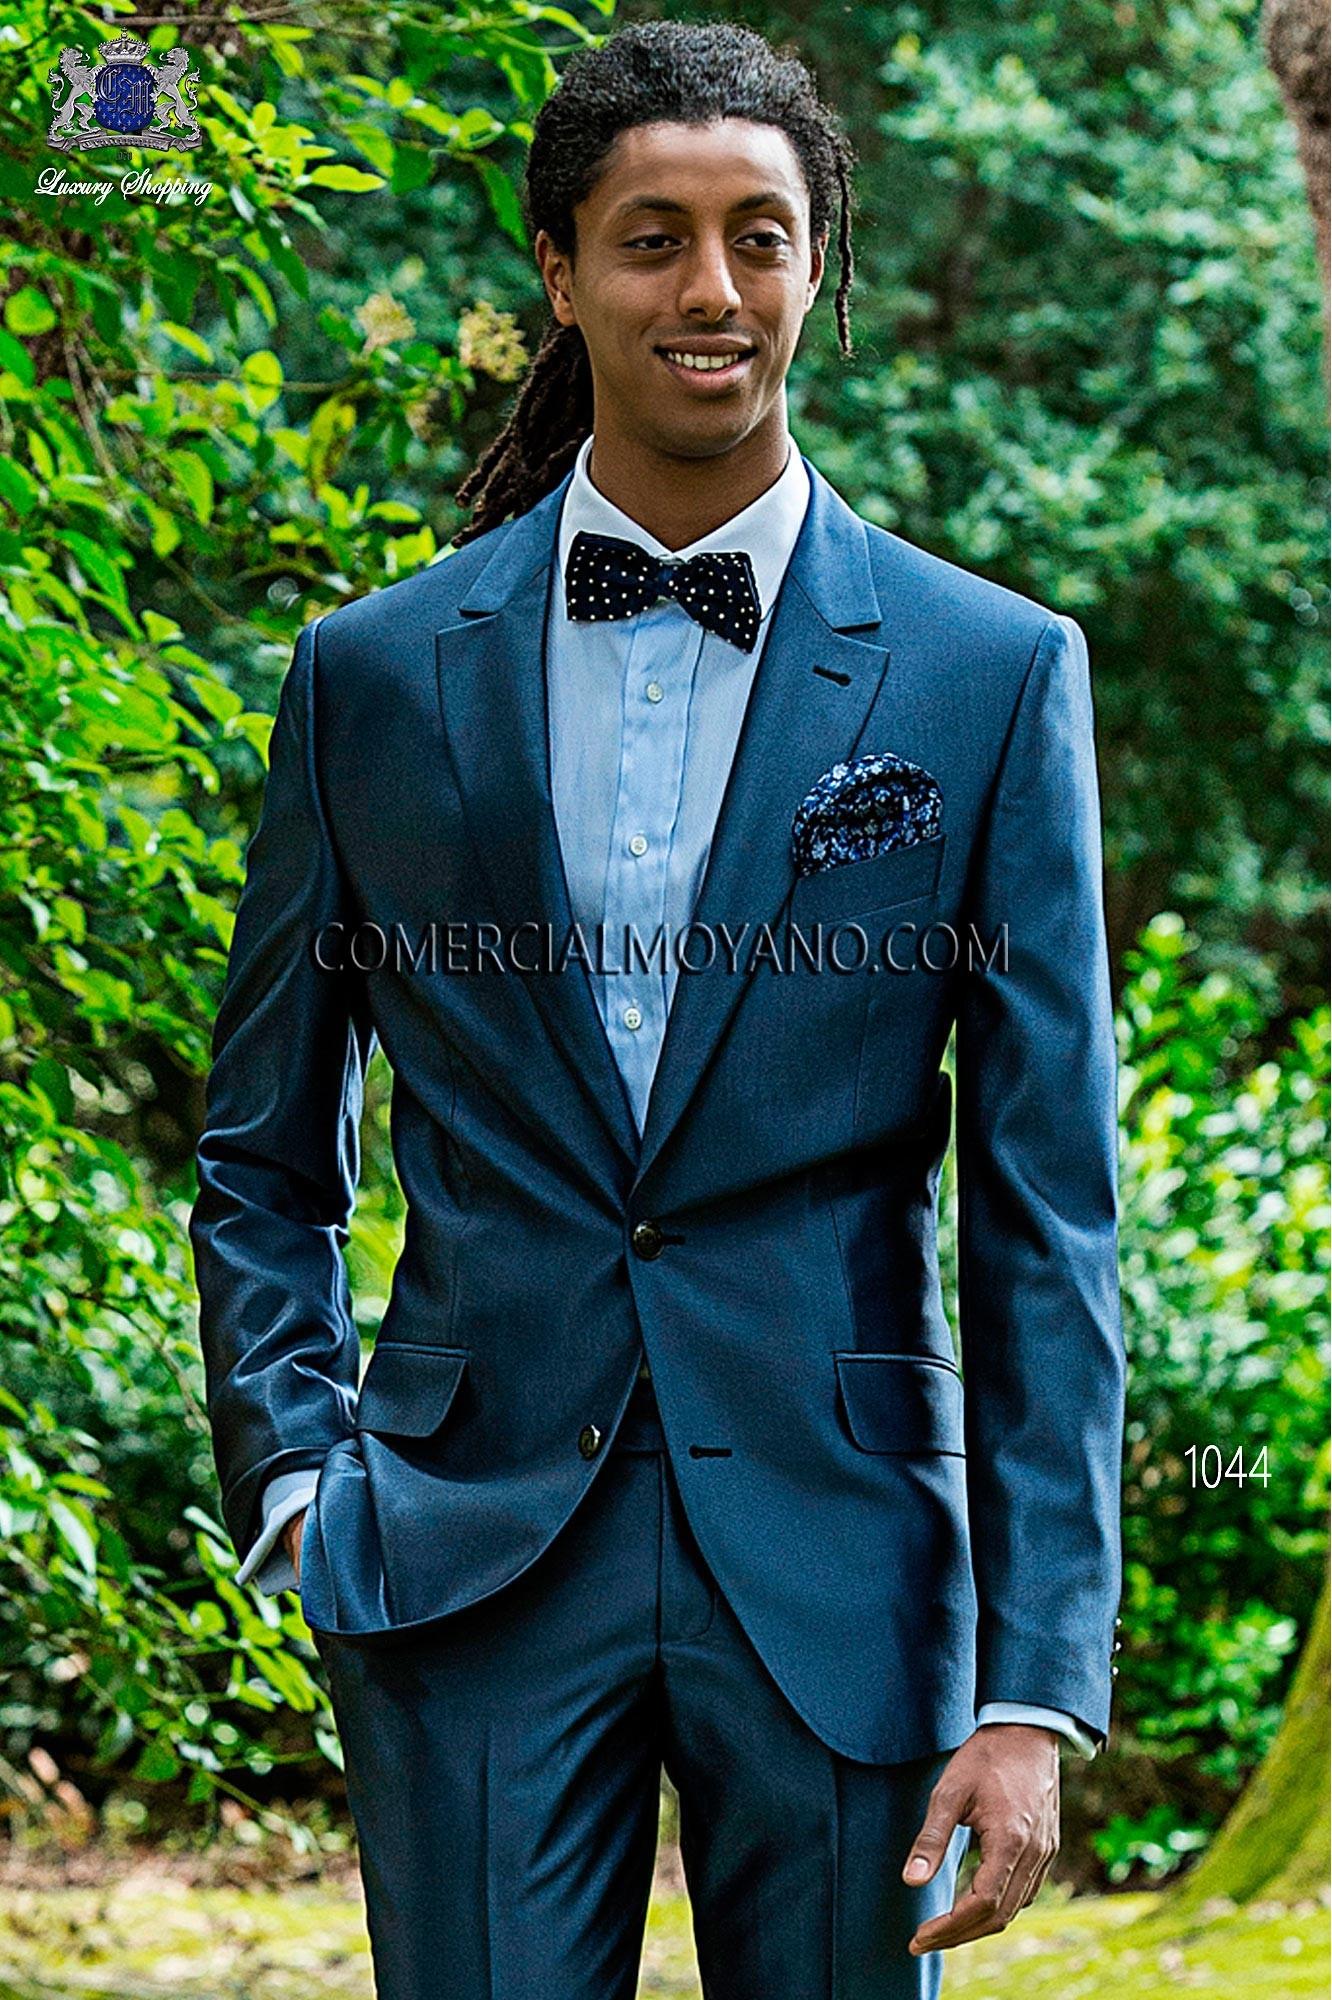 Traje Hipster de novio azul modelo: 1044 Ottavio Nuccio Gala colección Hipster